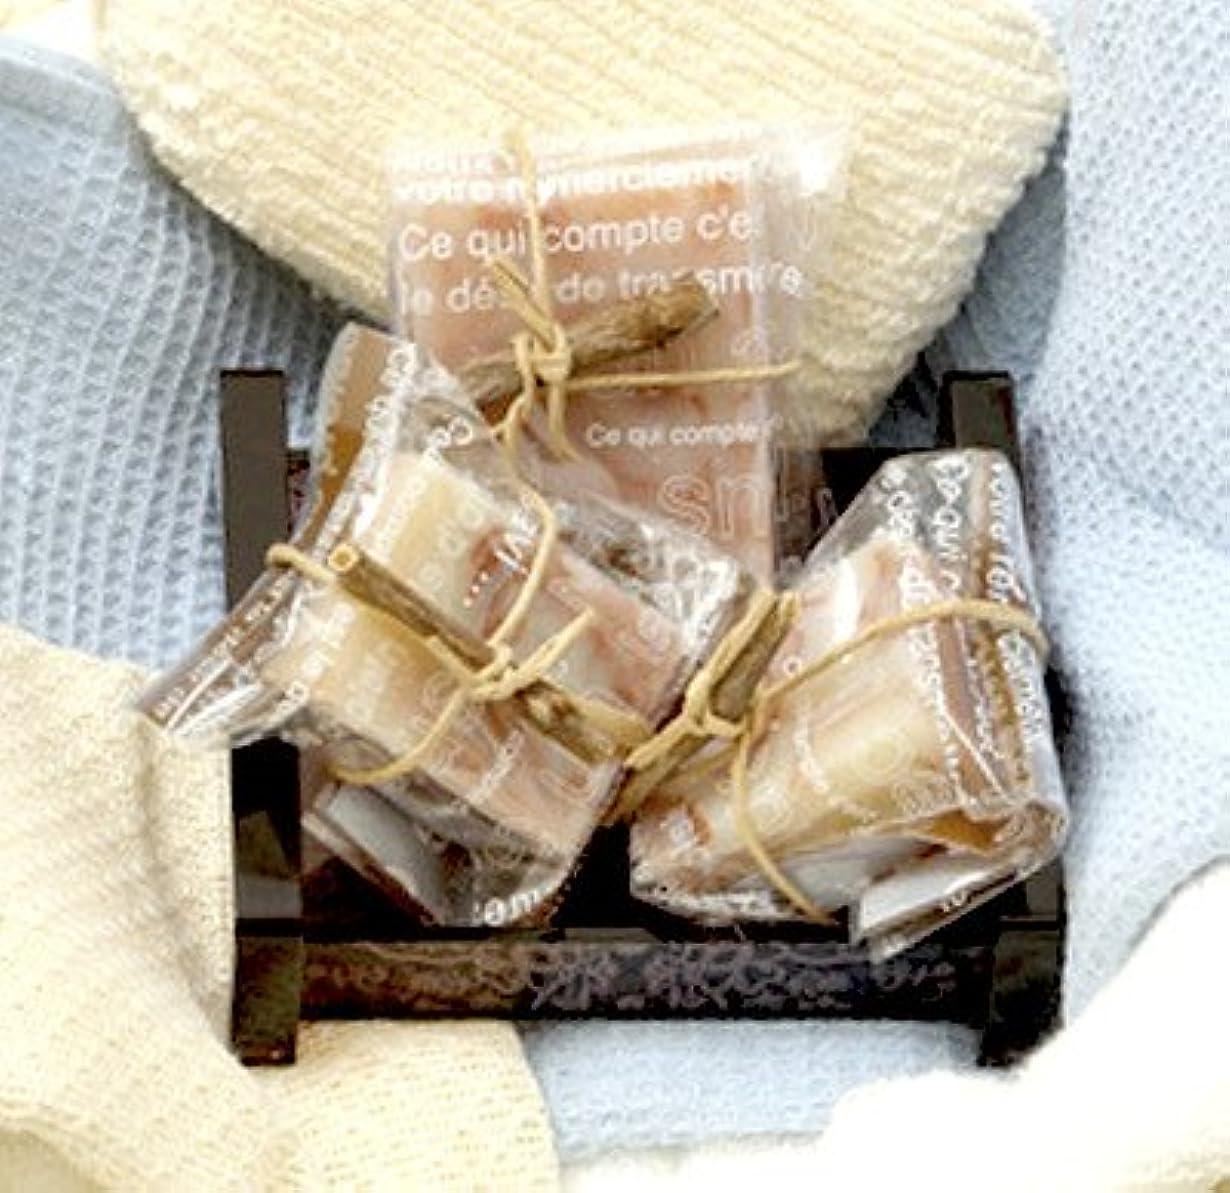 エイリアン繁殖中毒能登ワインを配合した皮膚科医監修の無添加で肌にやさしい「純石けん」能登ワイン石けん〔80g×1、40g×2〕